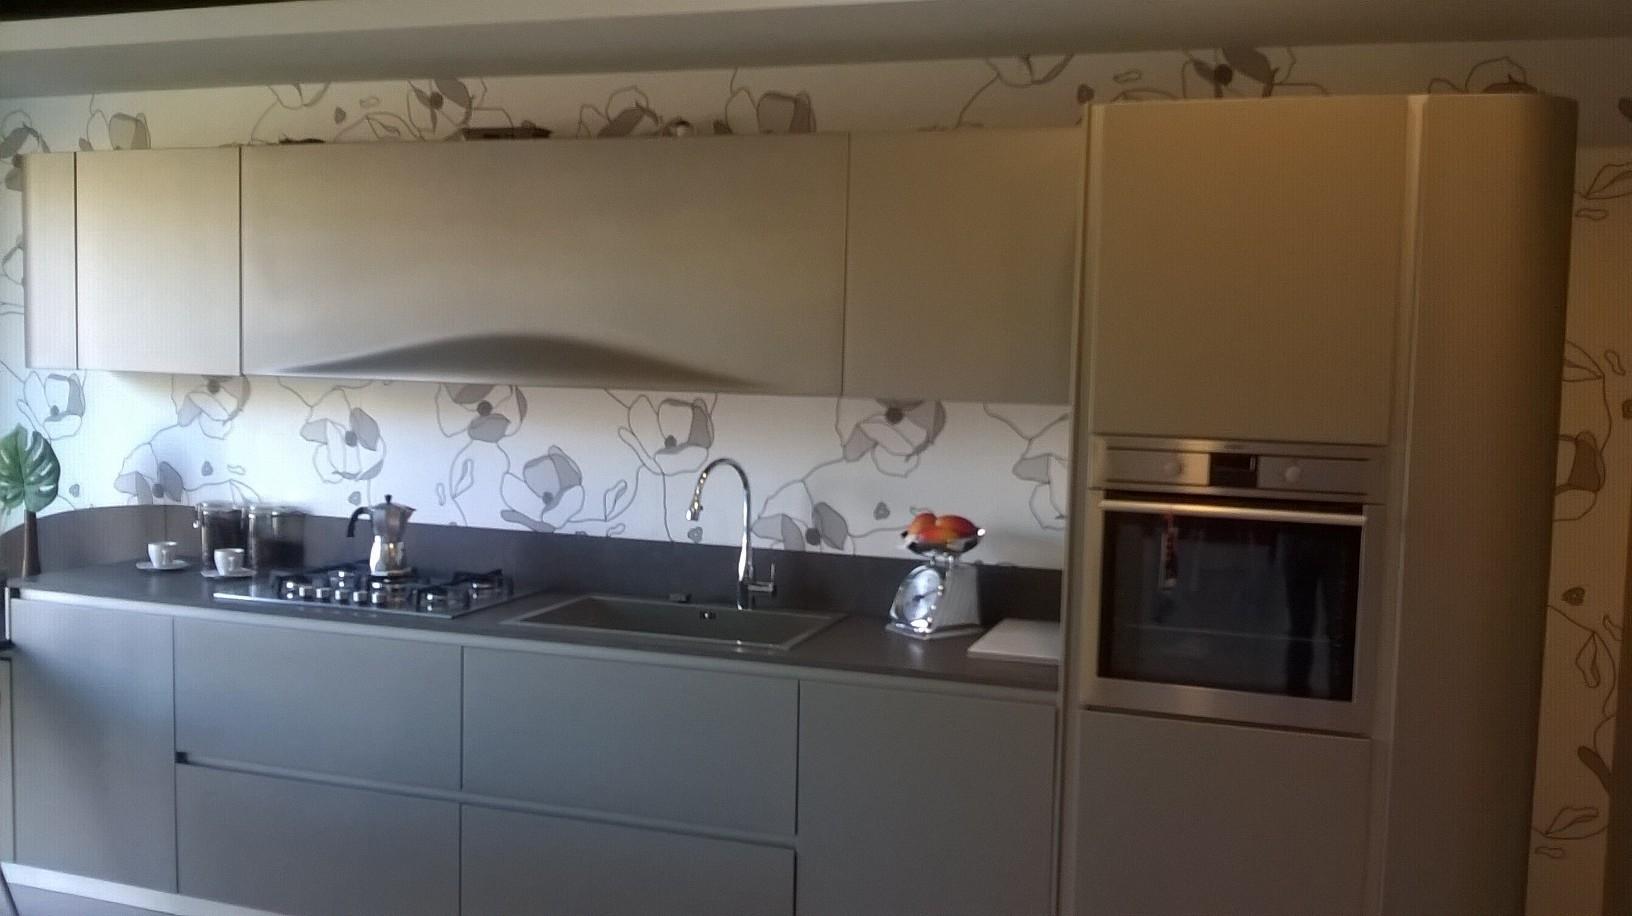 Cucina snaidero ola 20 design laccato opaco grigio - Cucine snaidero listino prezzi ...